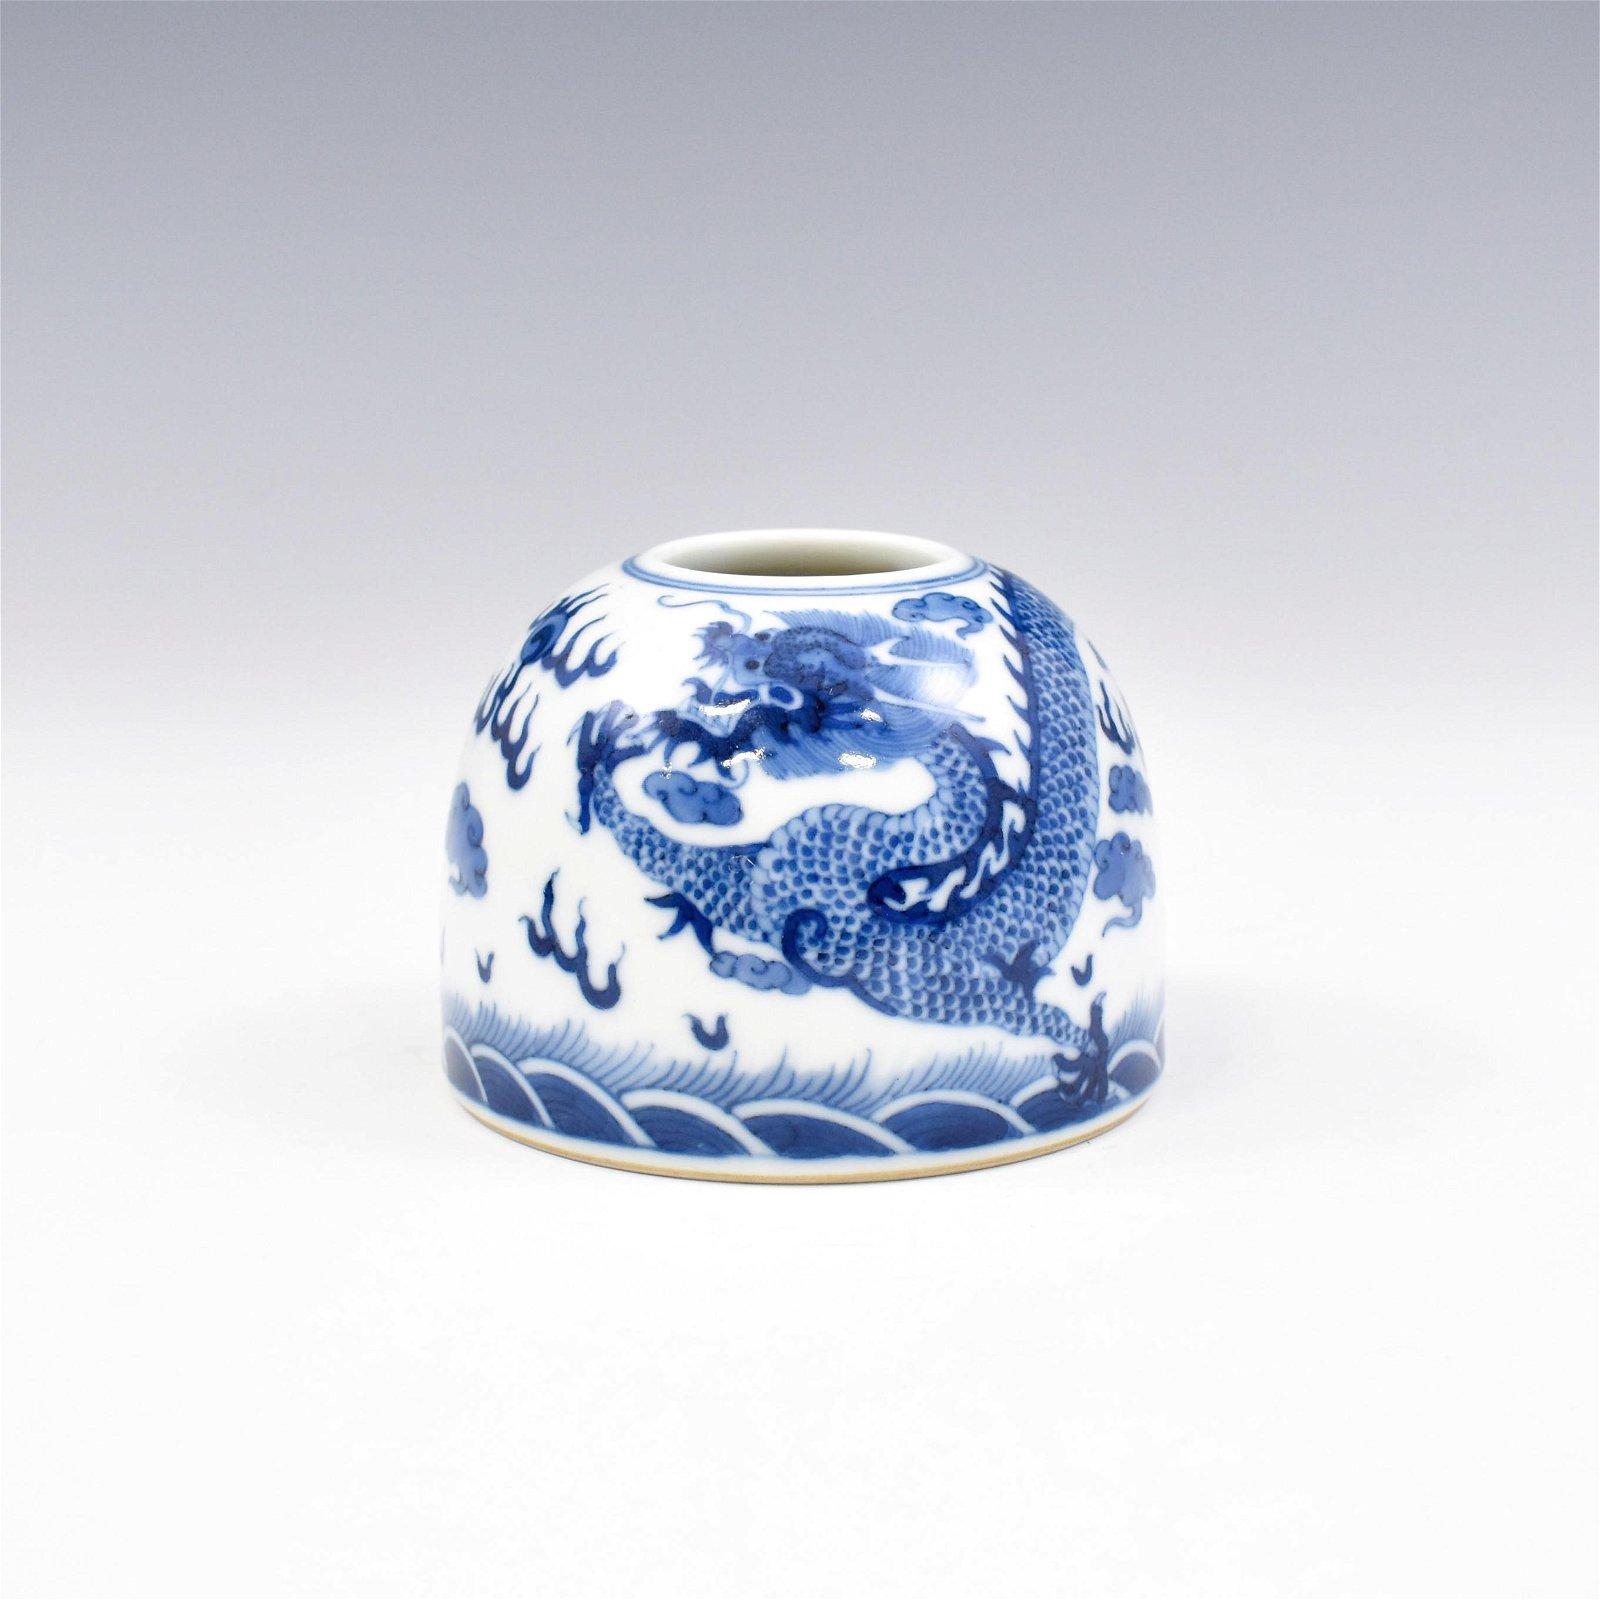 KANGXI BLUE AND WHITE DRAGON BRUSH WASHER